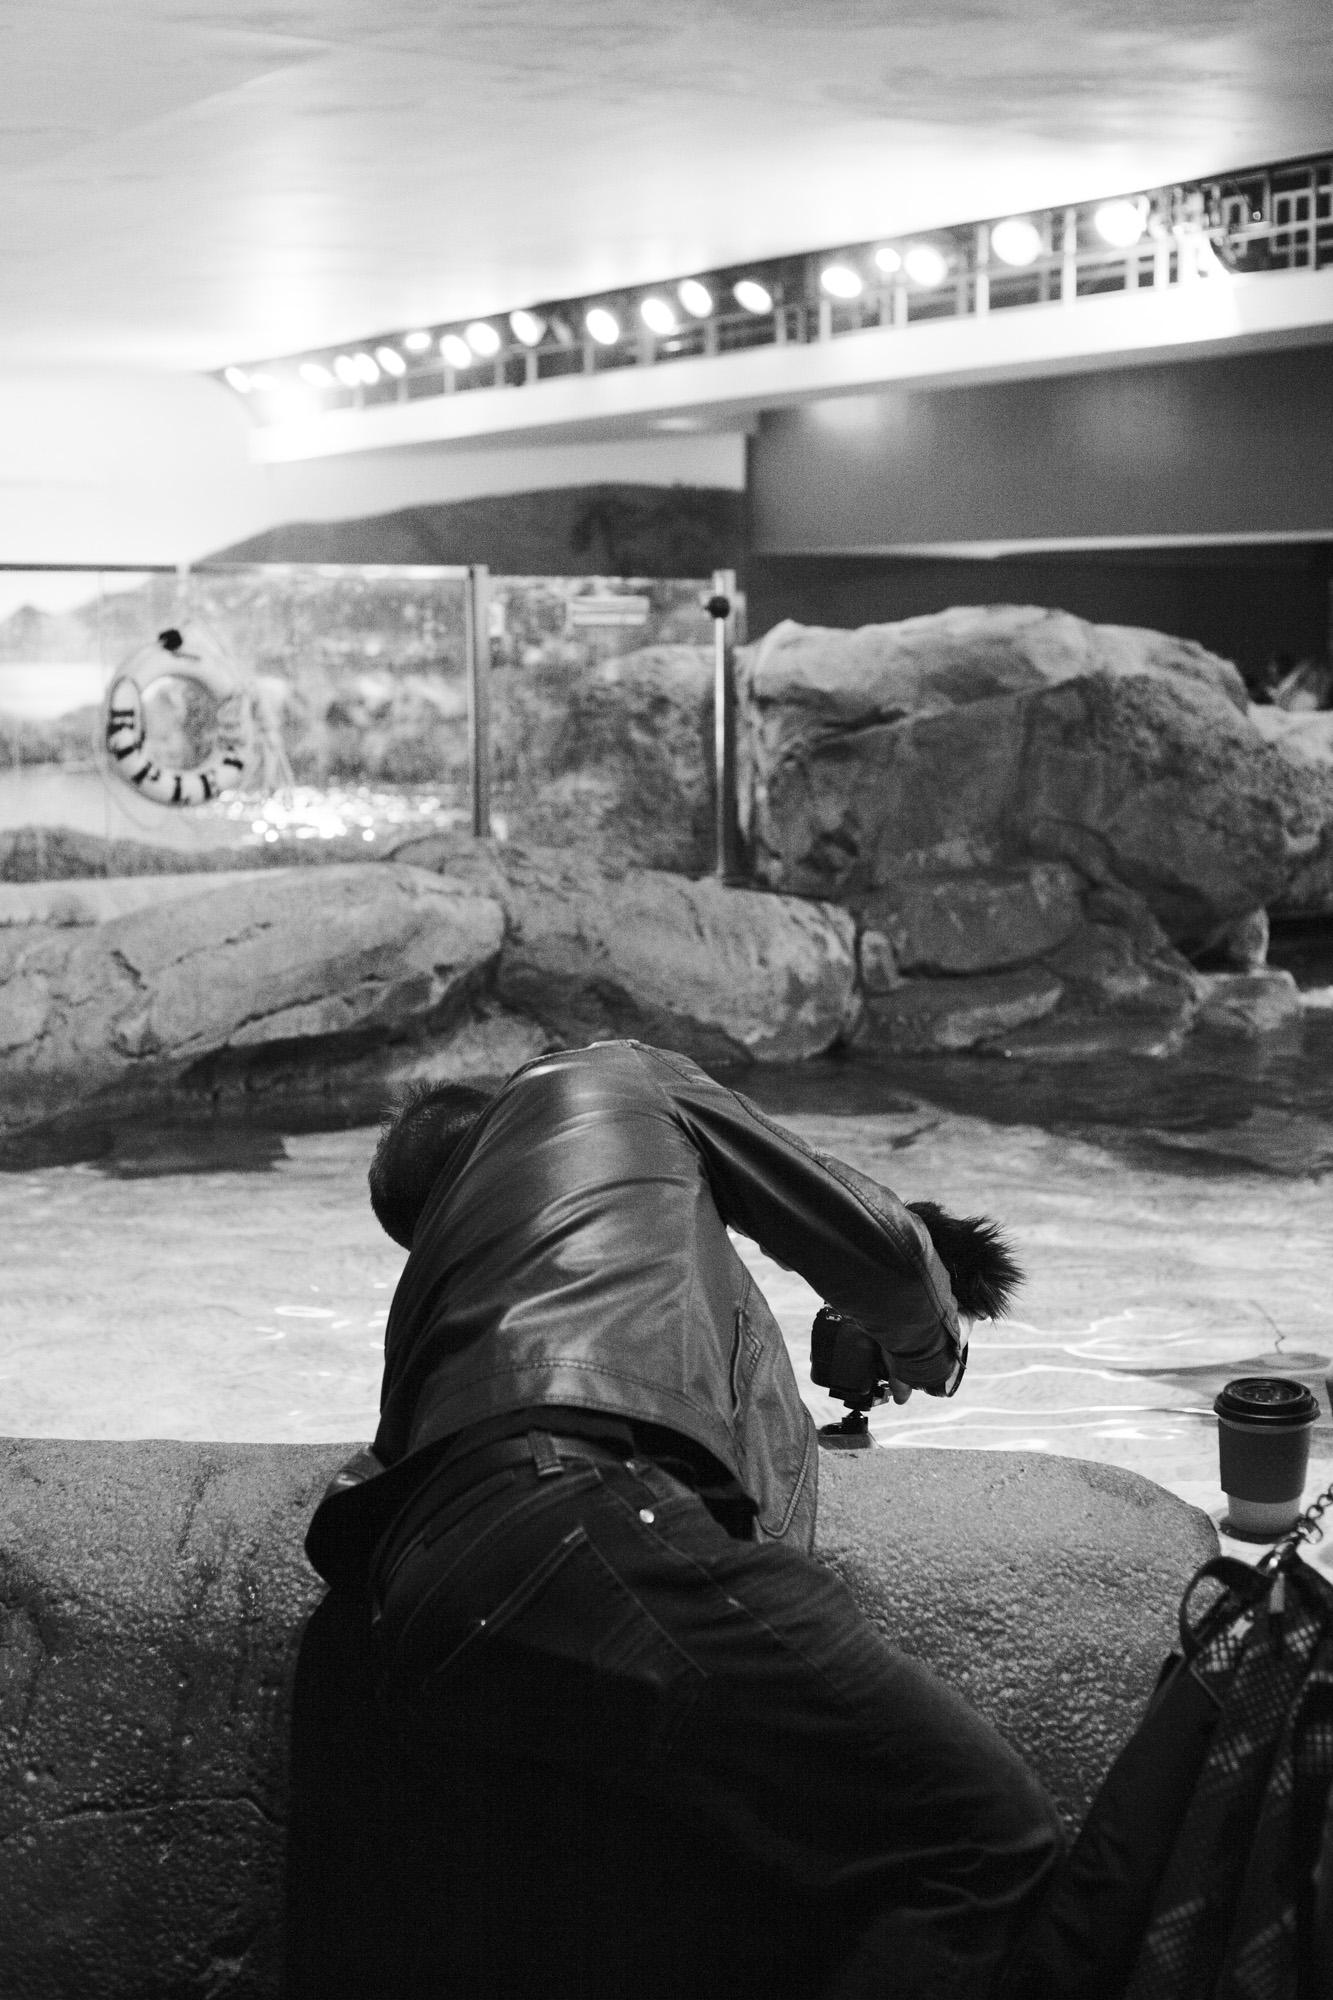 aquarium_lolitas-65.jpg